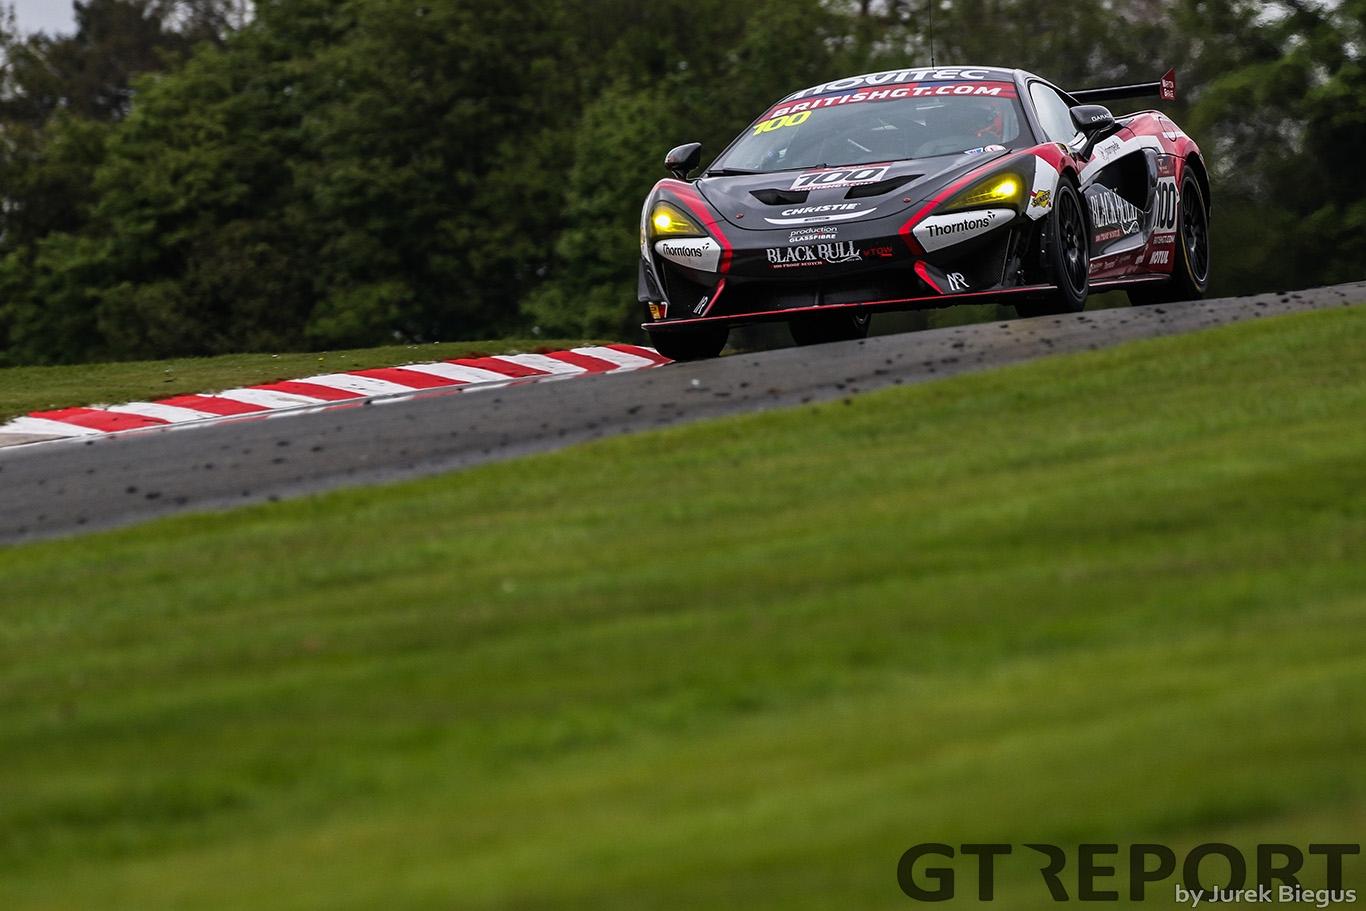 | British GT Championship | Oulton Park | 17 April 2017 | Photo: Jurek Biegus